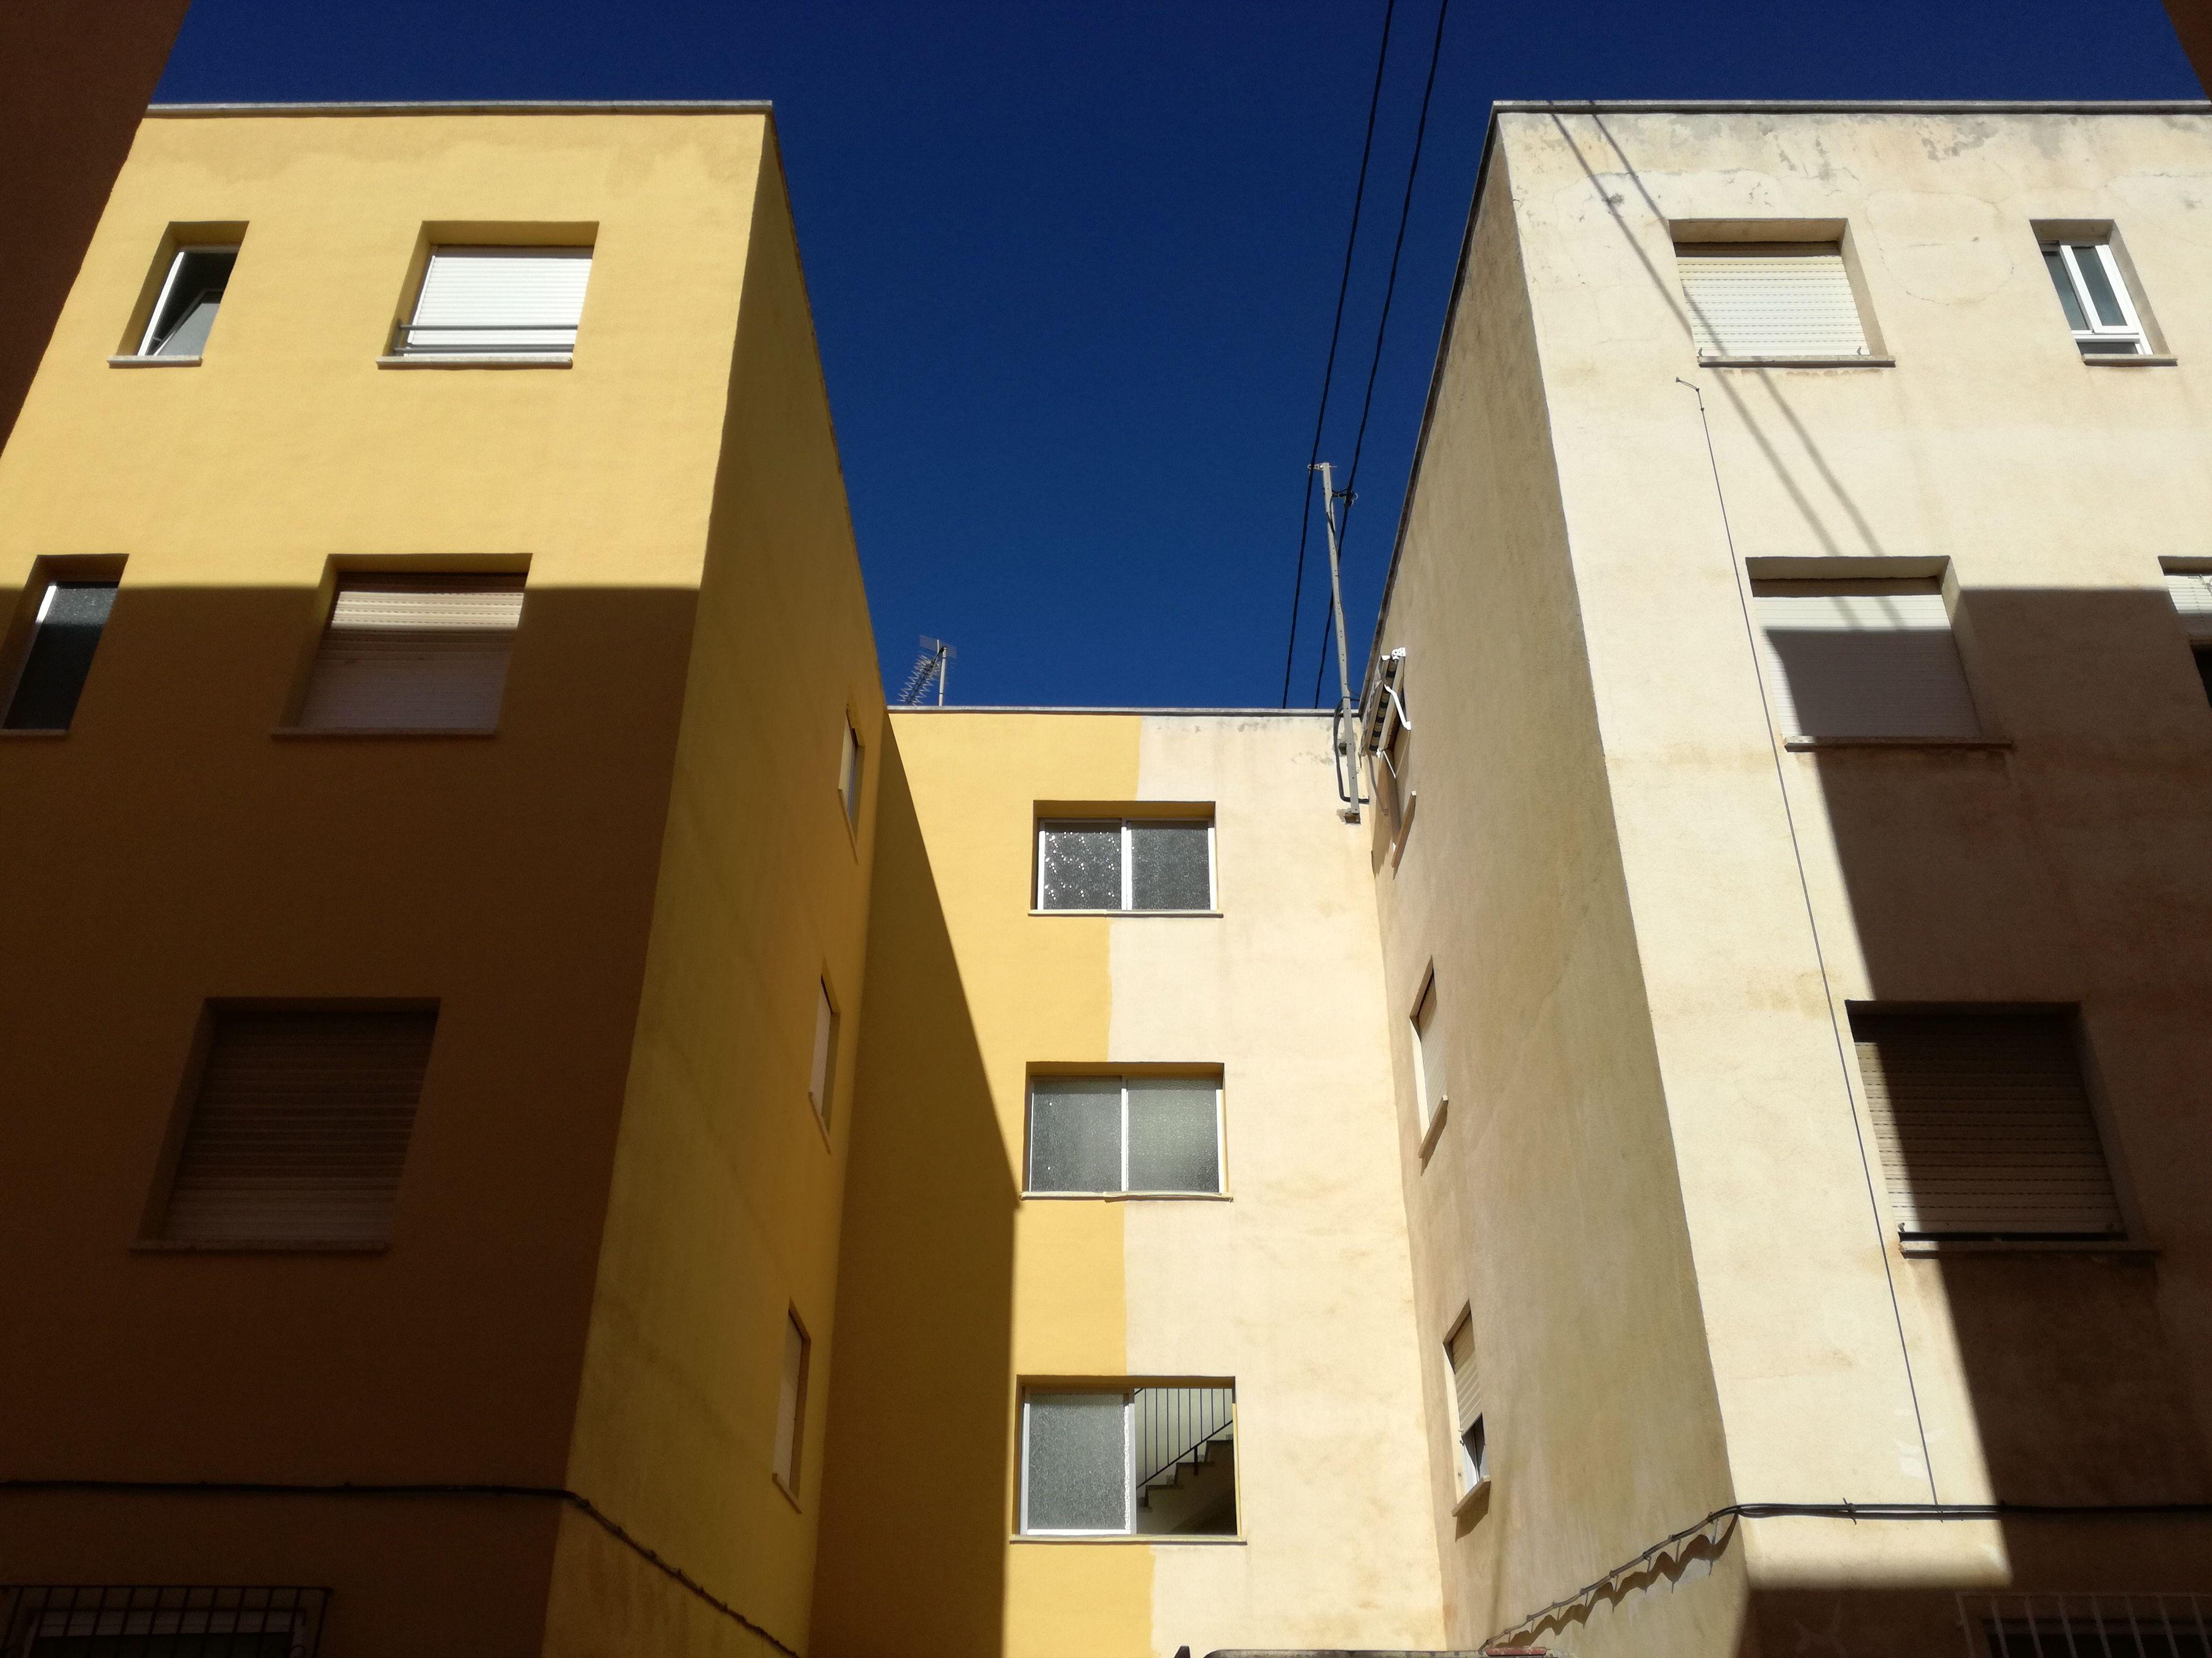 Rehabilitación de fachada (izquierdo terminado y derecho con limpieza y sellado de fisuras)